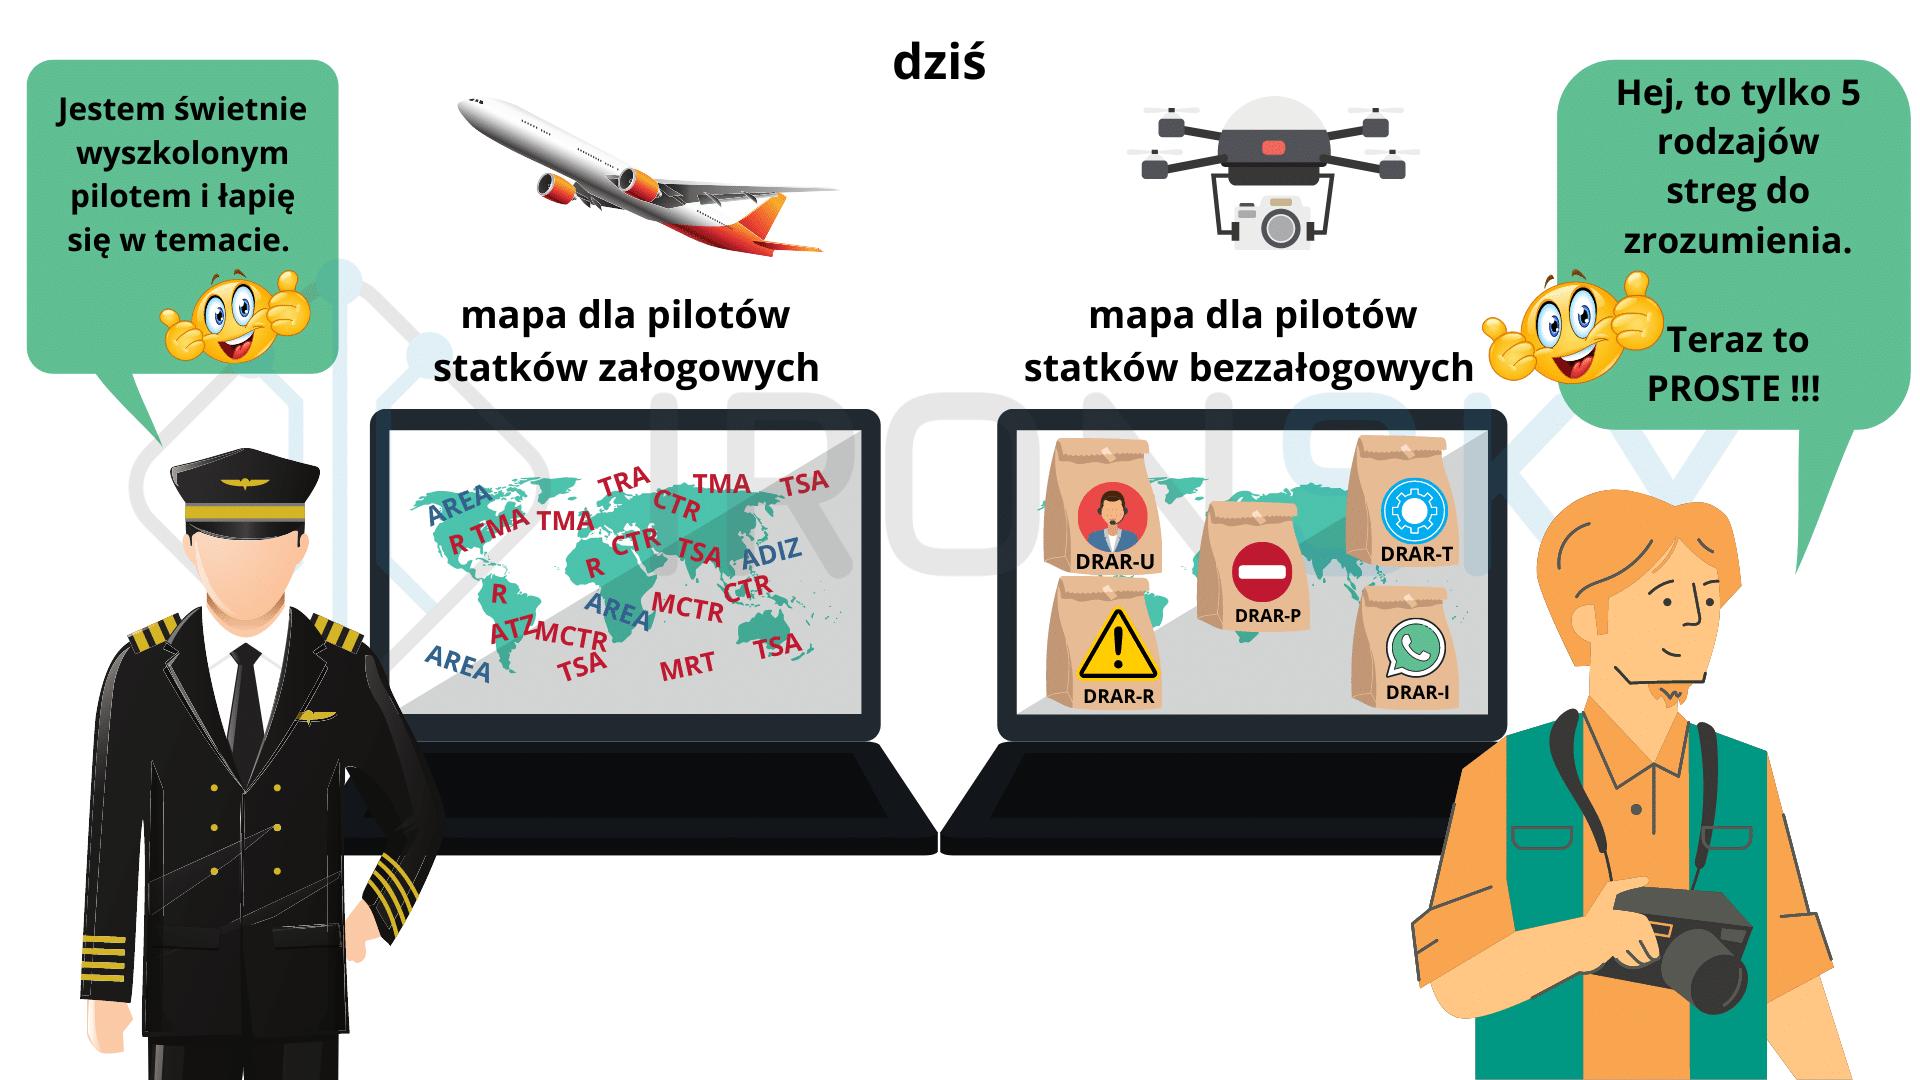 zasady wykonywania lotów dronami rekreacyjnymi i nie tylko ironsky.pl ironsky drony szkolenia online